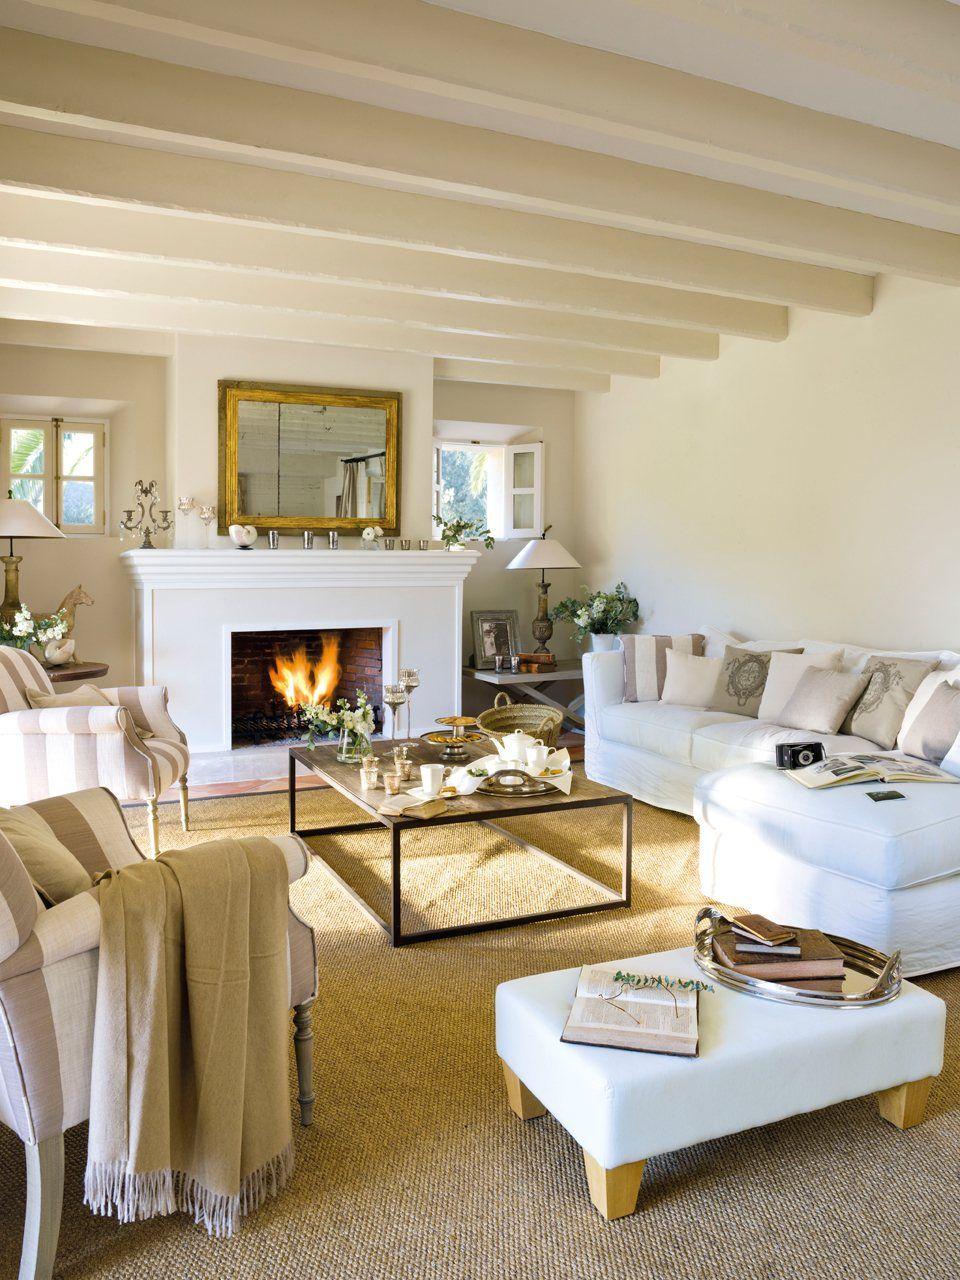 15 salones con chimenea decoracion home d cor cozy - Decorar salones con chimenea ...